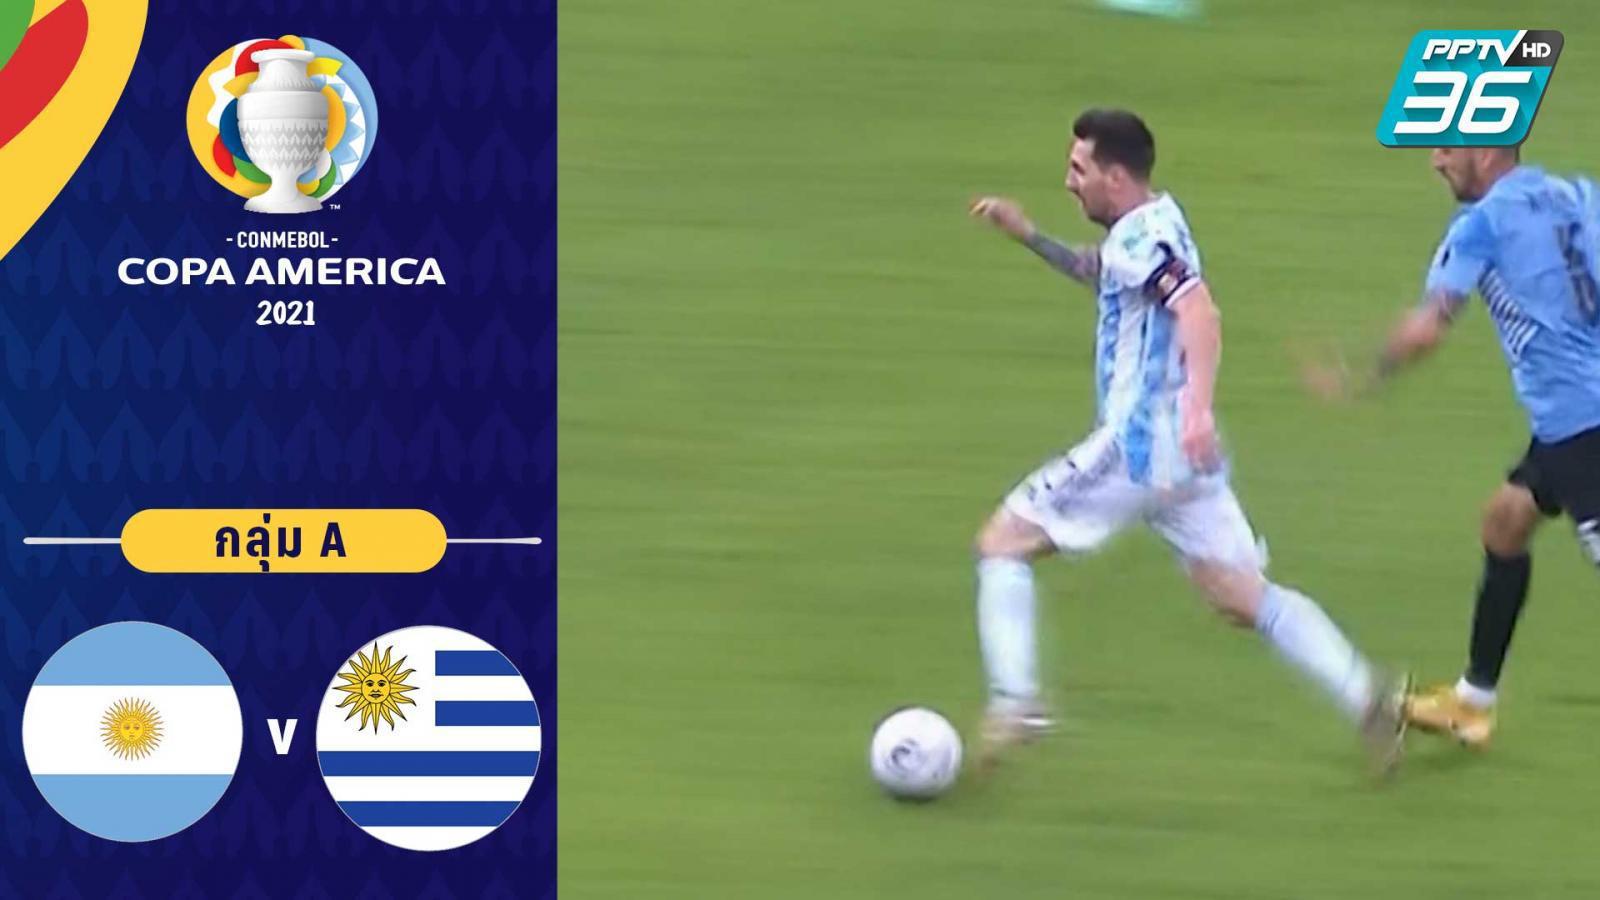 Full Match โคปา อเมริกา 2021 | อาร์เจนตินา พบ อุรุกวัย | 19 มิ.ย. 64